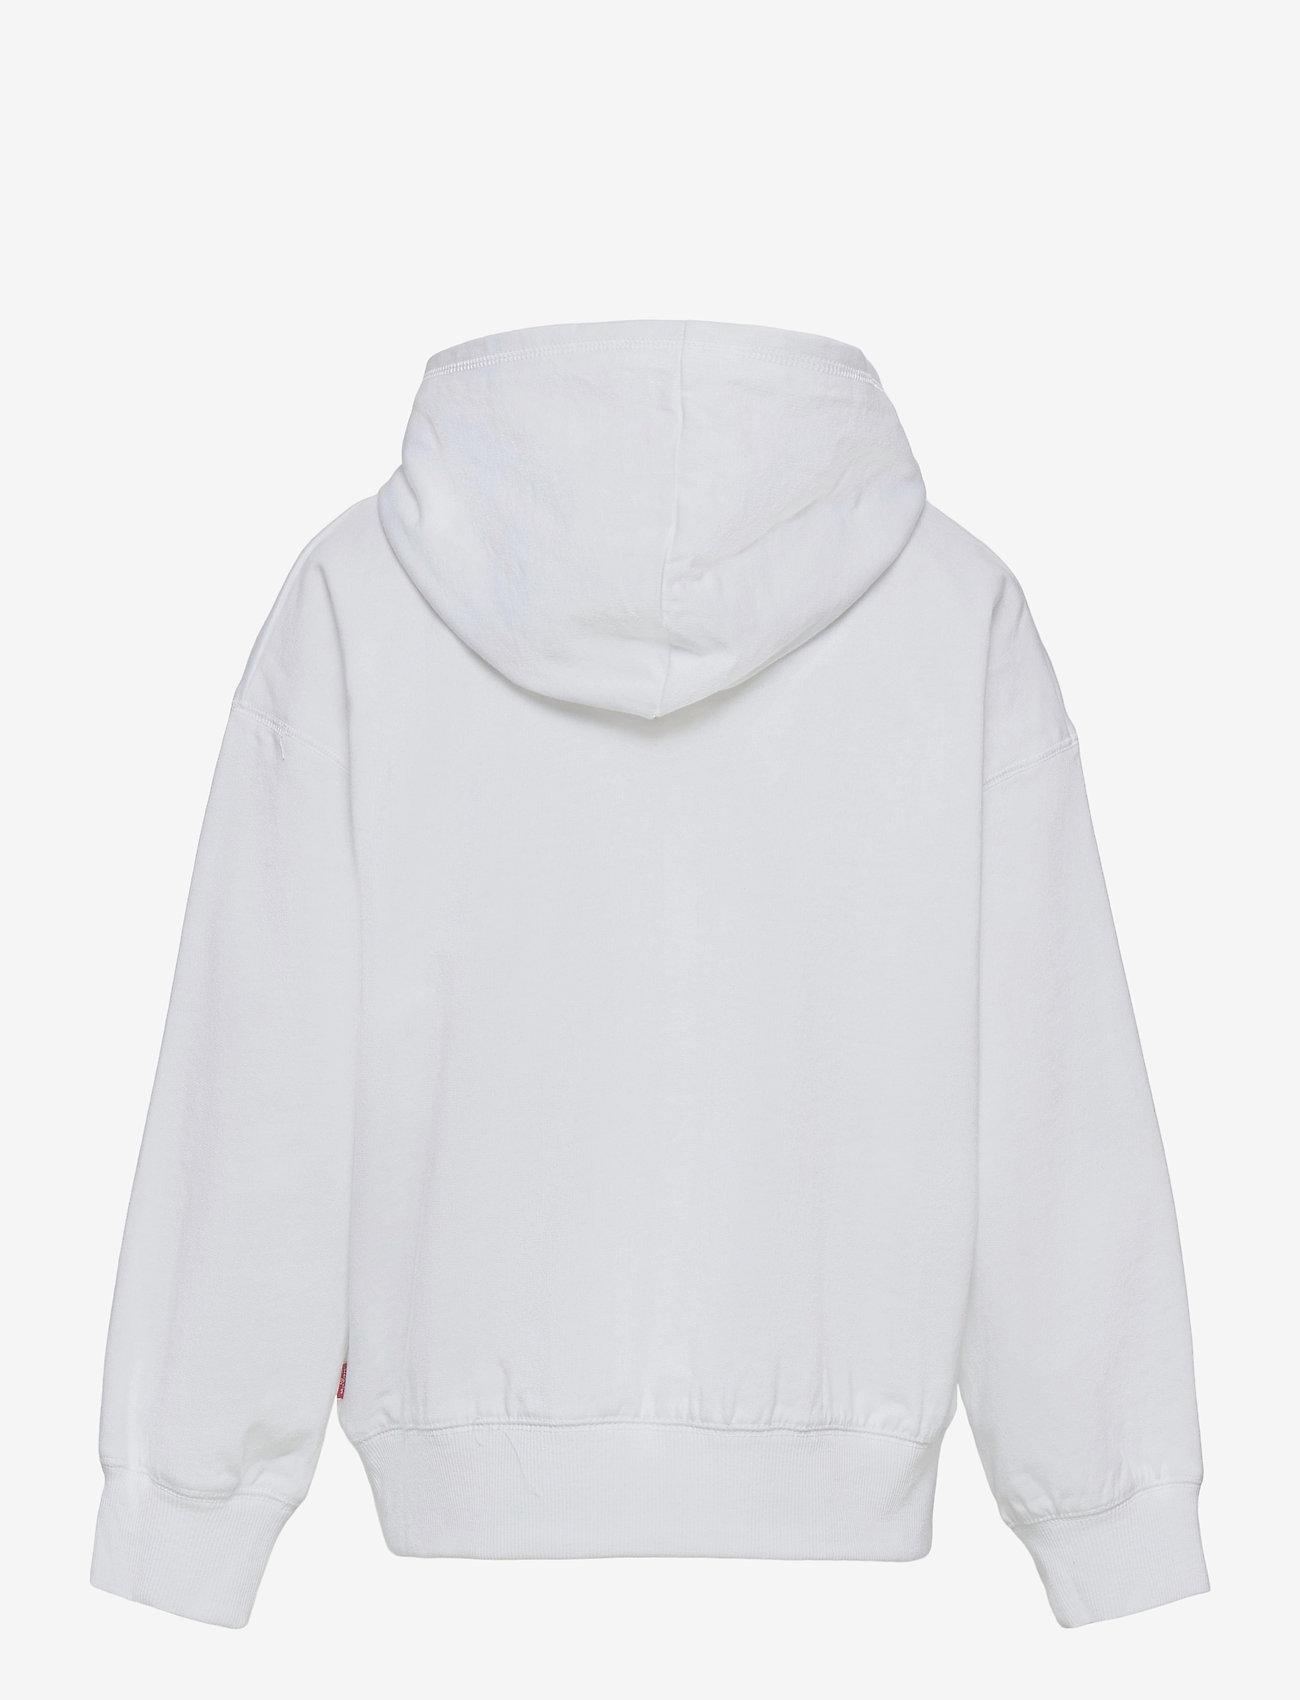 Levi's - LVG OVERSIZED HOODIE - kapuzenpullover - white - 1